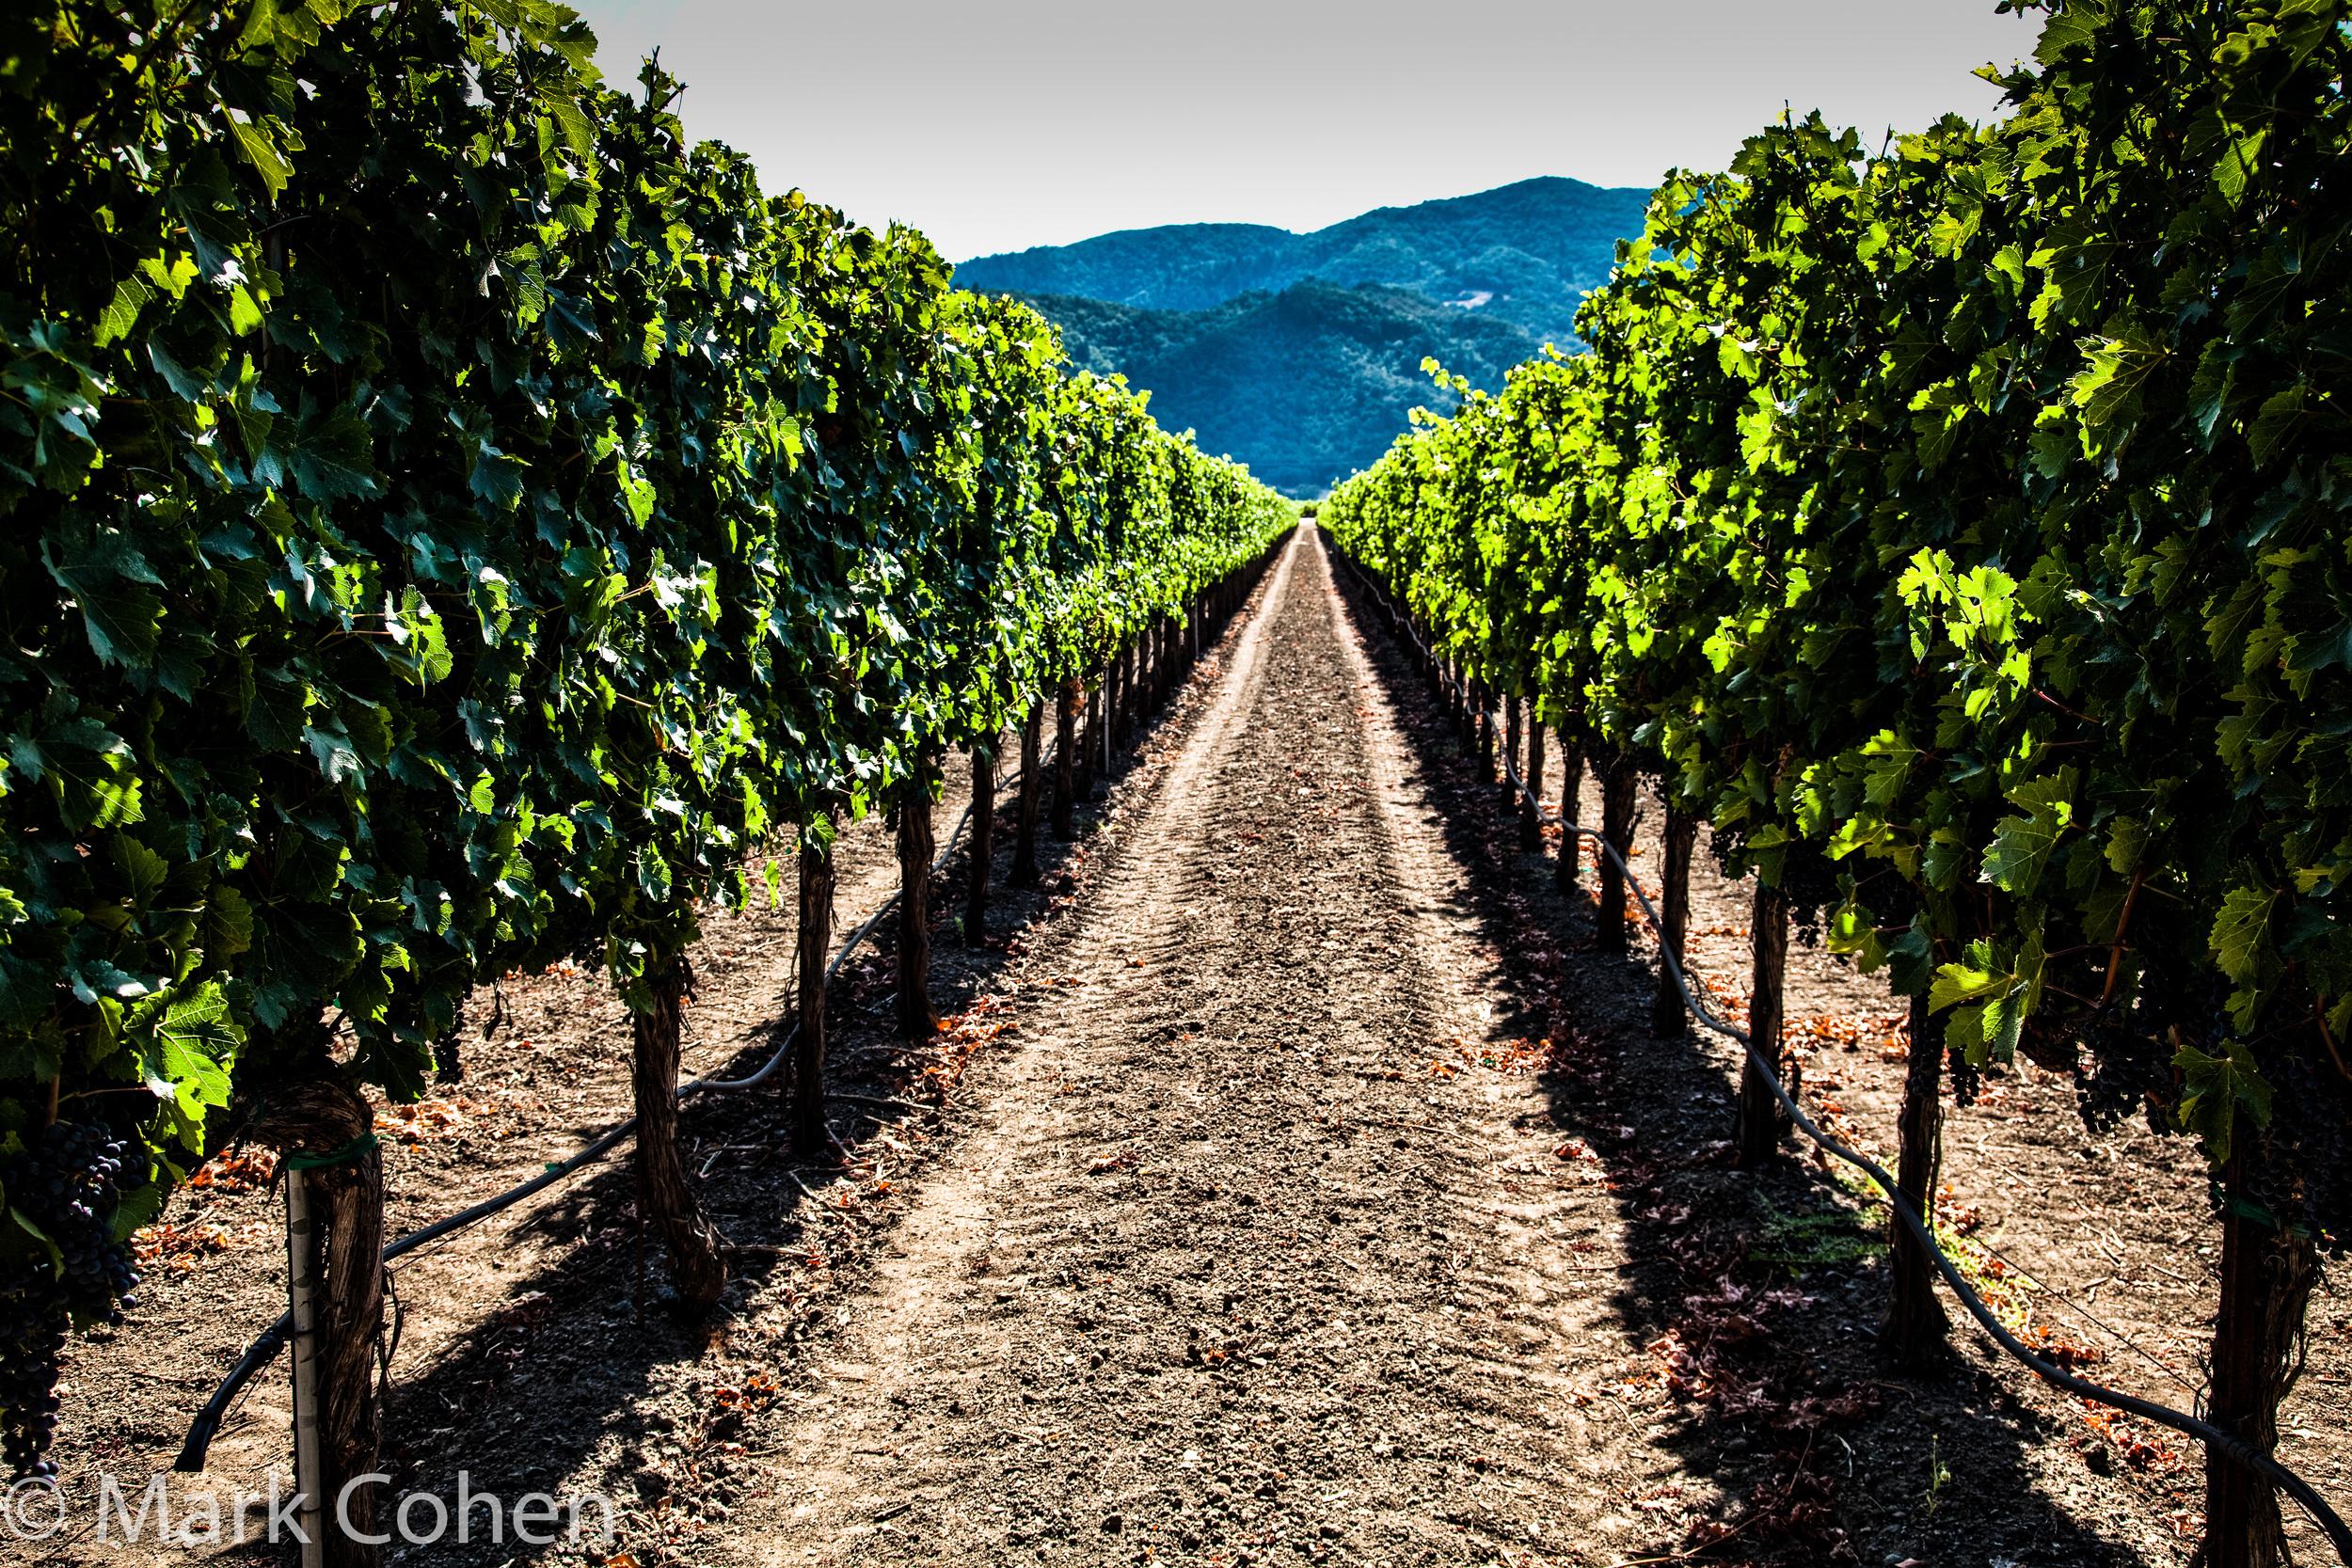 Vineyard no.7, Napa Valley, 2014